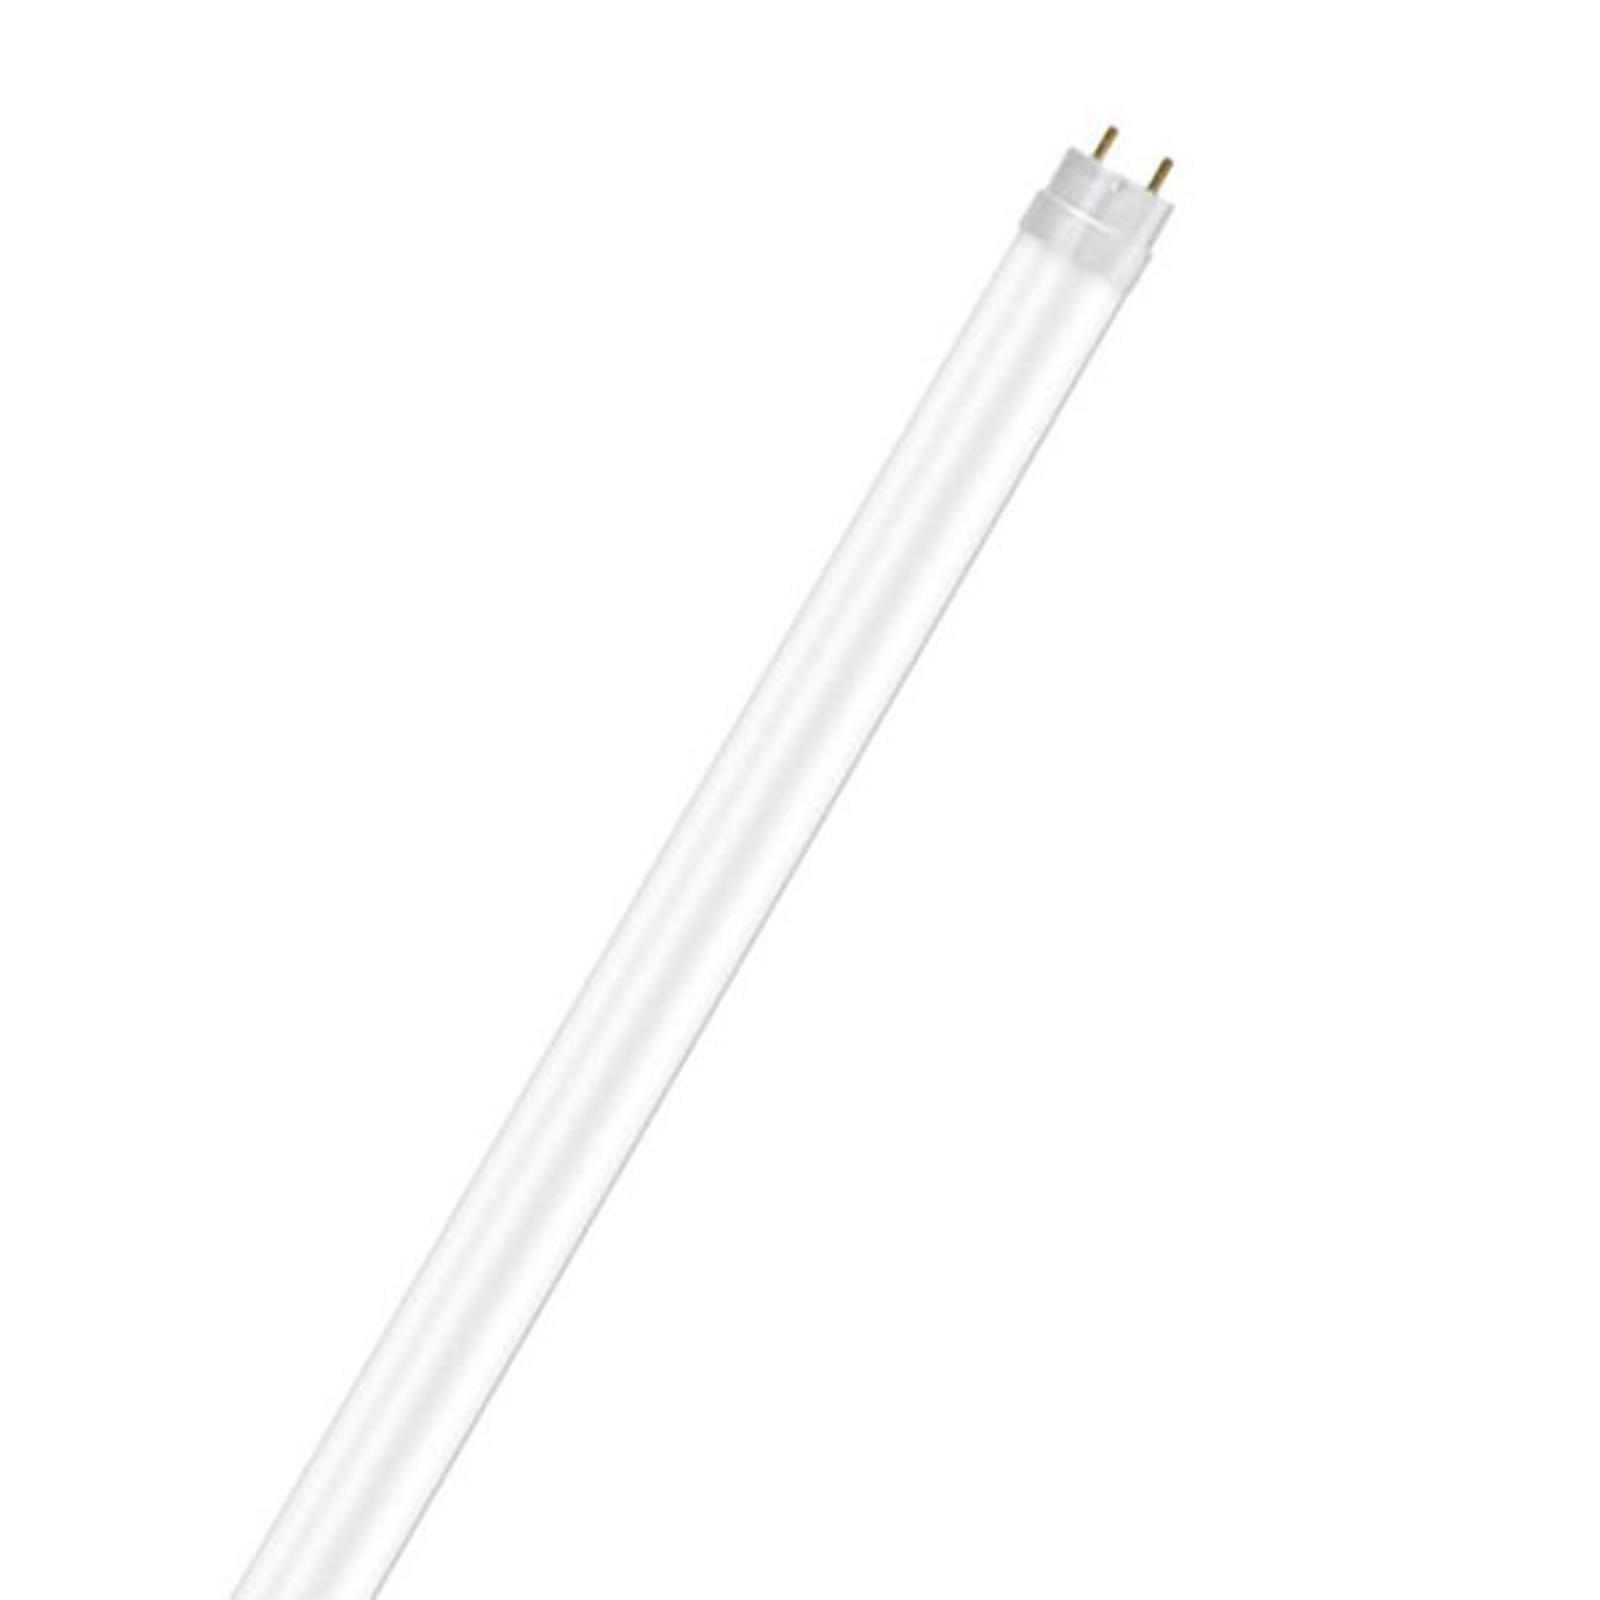 OSRAM LED-rør G13 60cm SubstiTUBE 7,3W 3000K